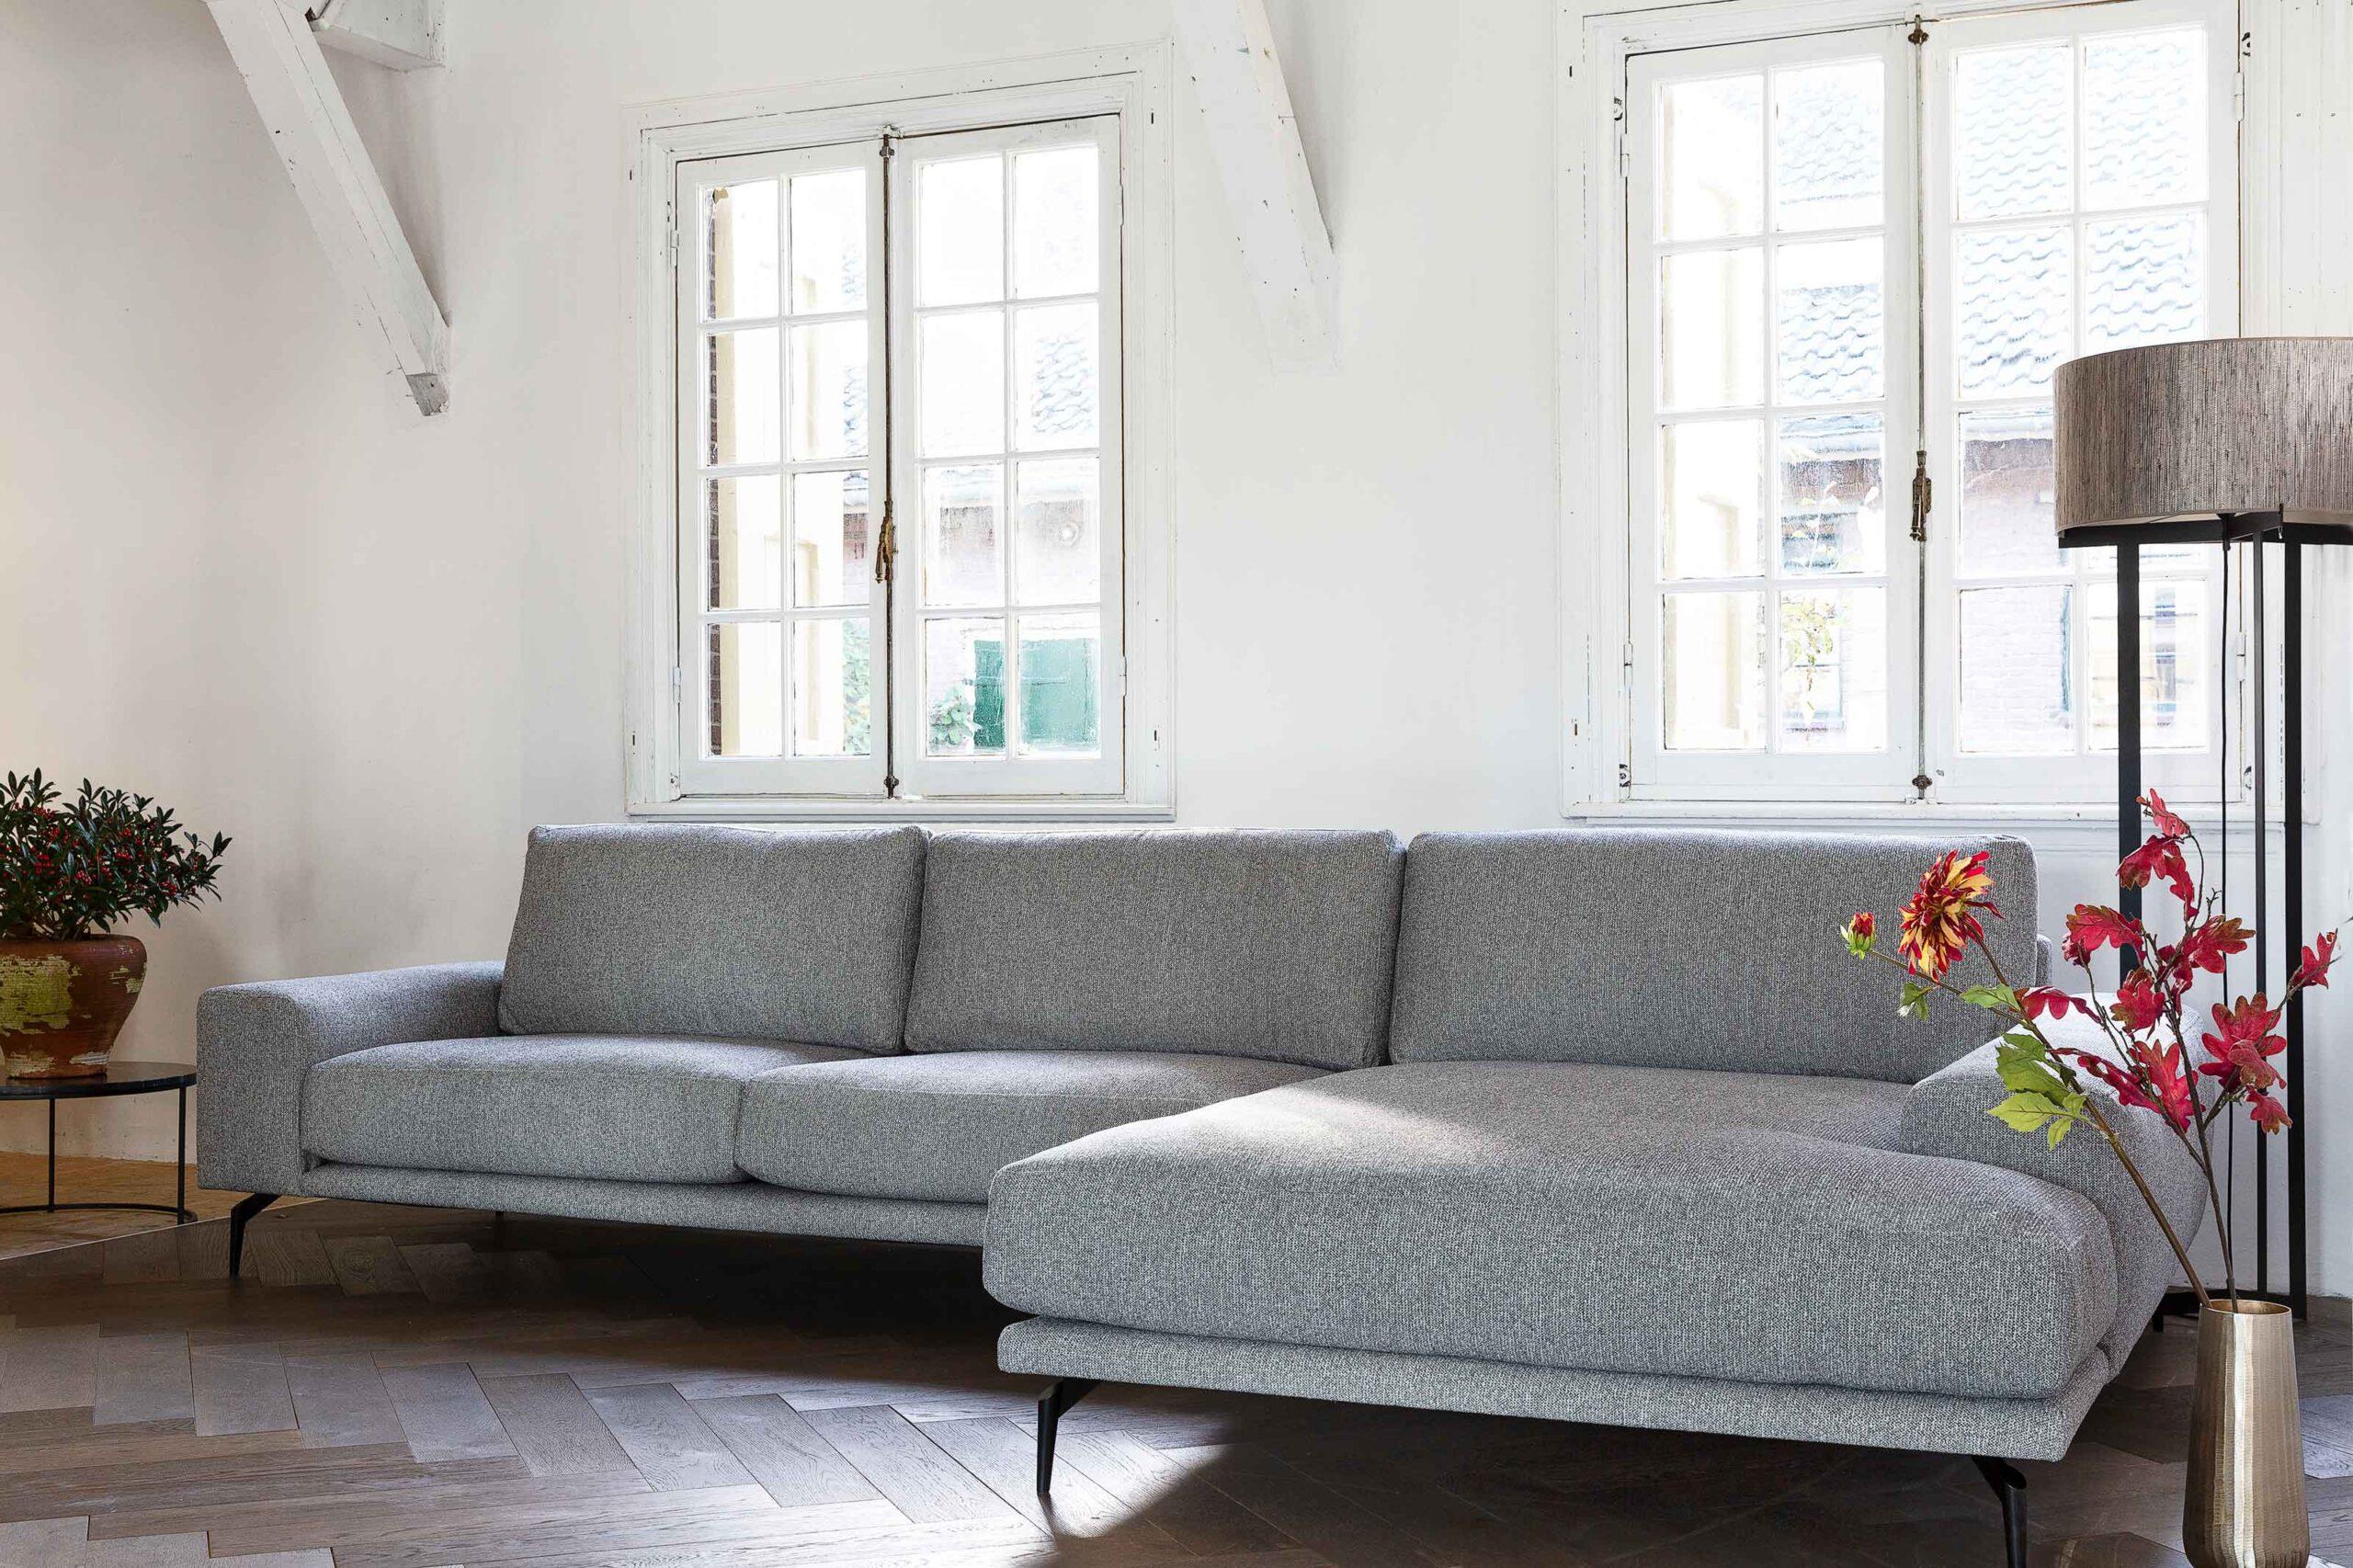 belle-milano-hoekbank-met-grote-en-breede-longchair-soofs-interieur